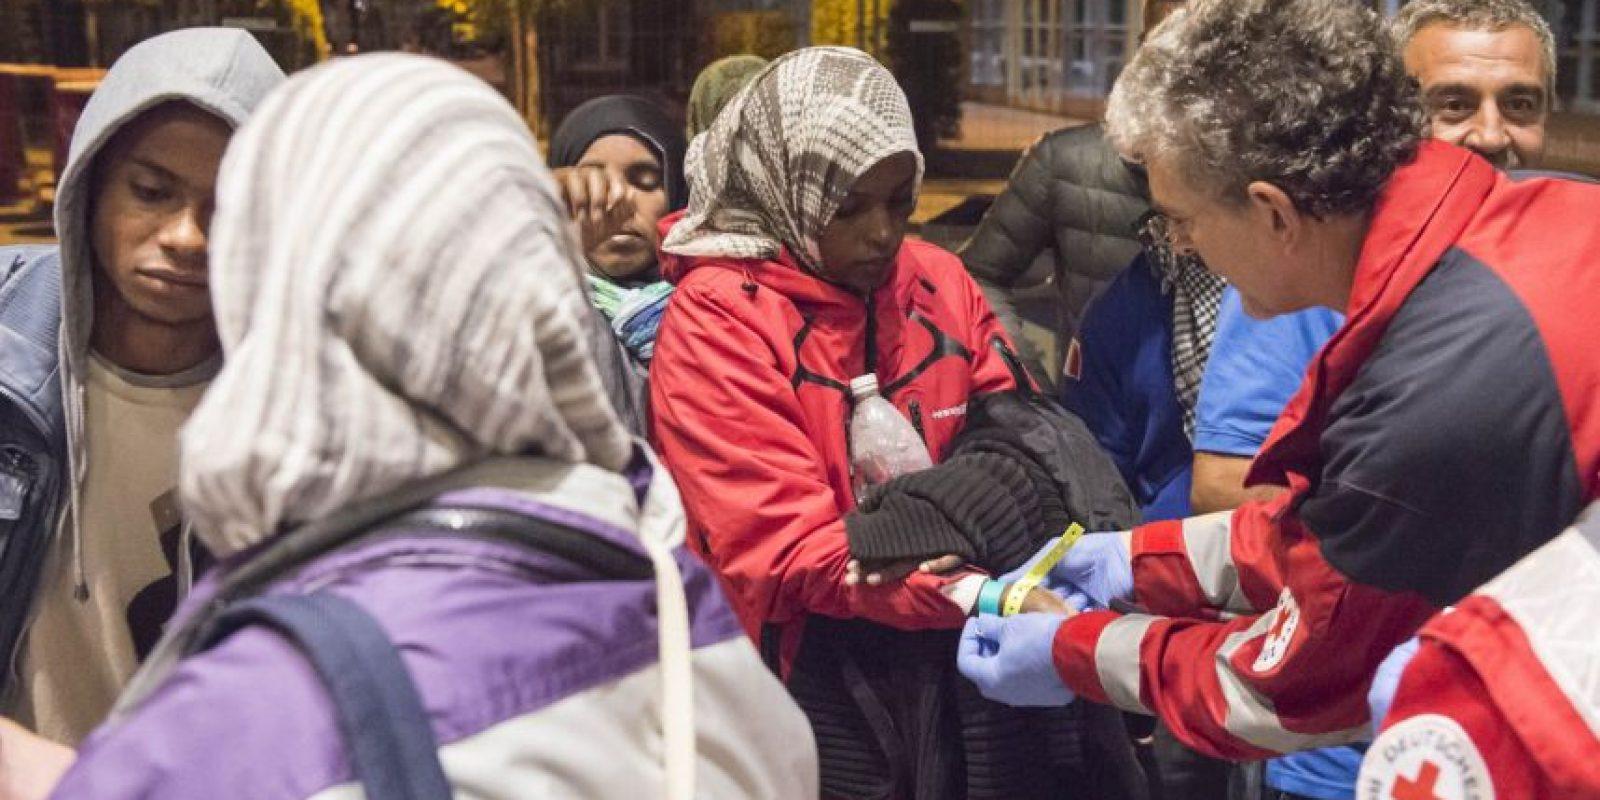 La canciller Angela Merkel ha pedido a los países vecinos mostrar solidaridad. Foto:AP